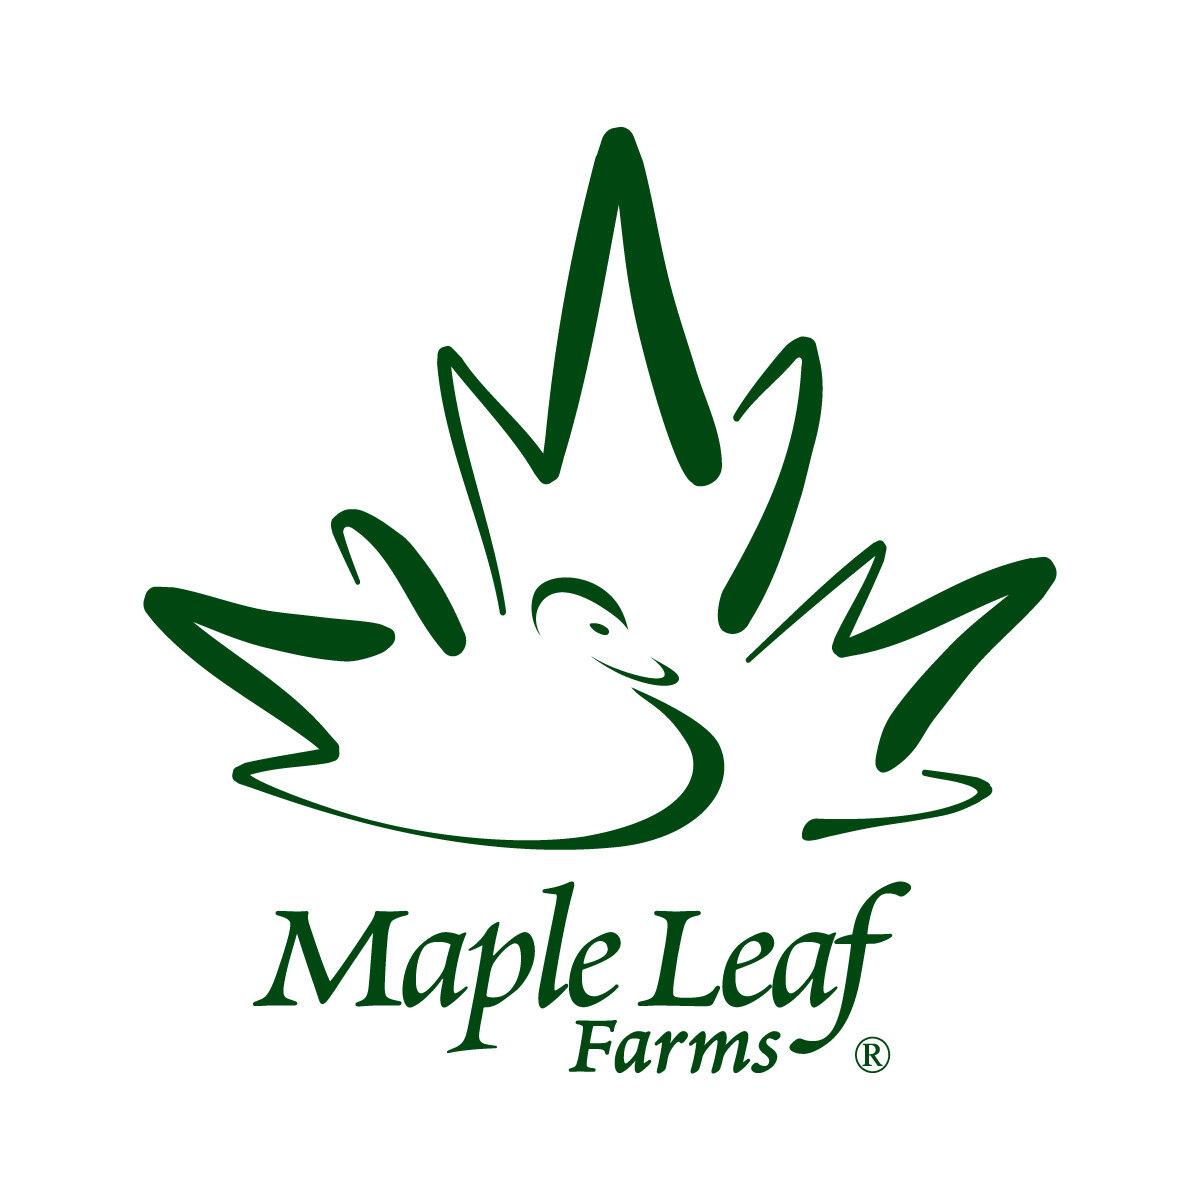 Maple-Leaf-Farms-Duck-Green_Logo.jpg